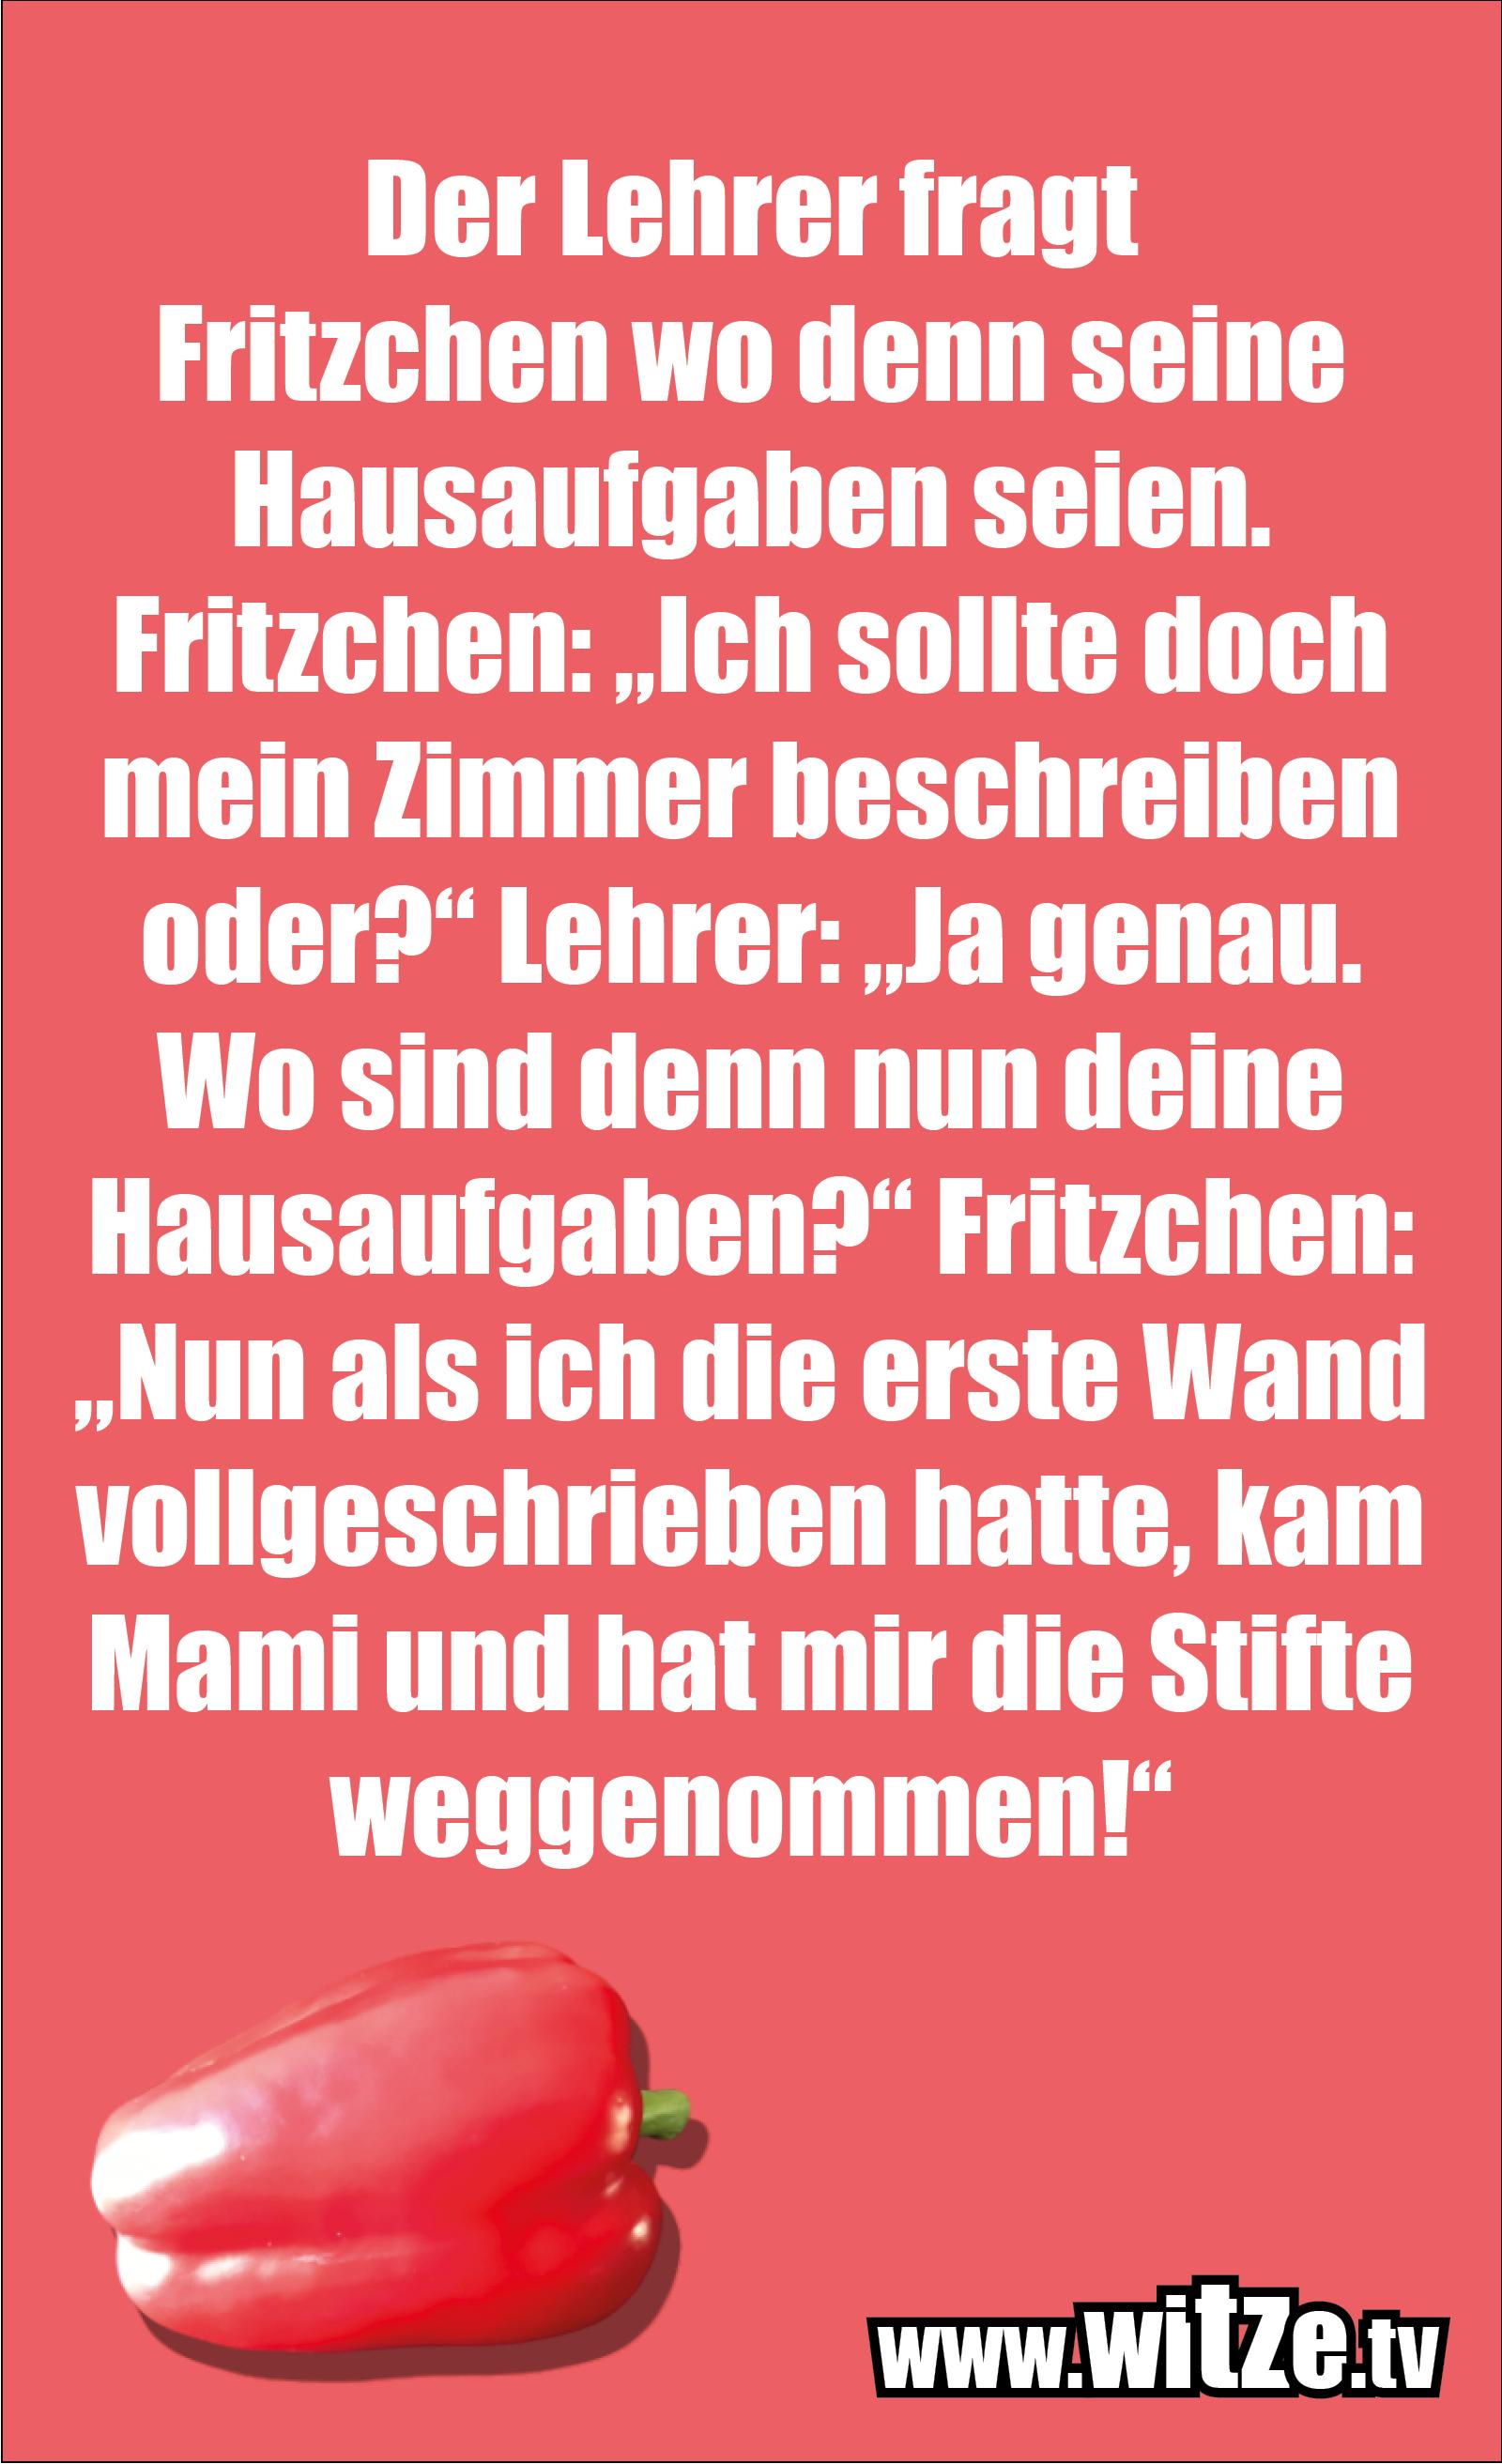 Hammer Joke... Der Lehrer fragt Fritzchen...